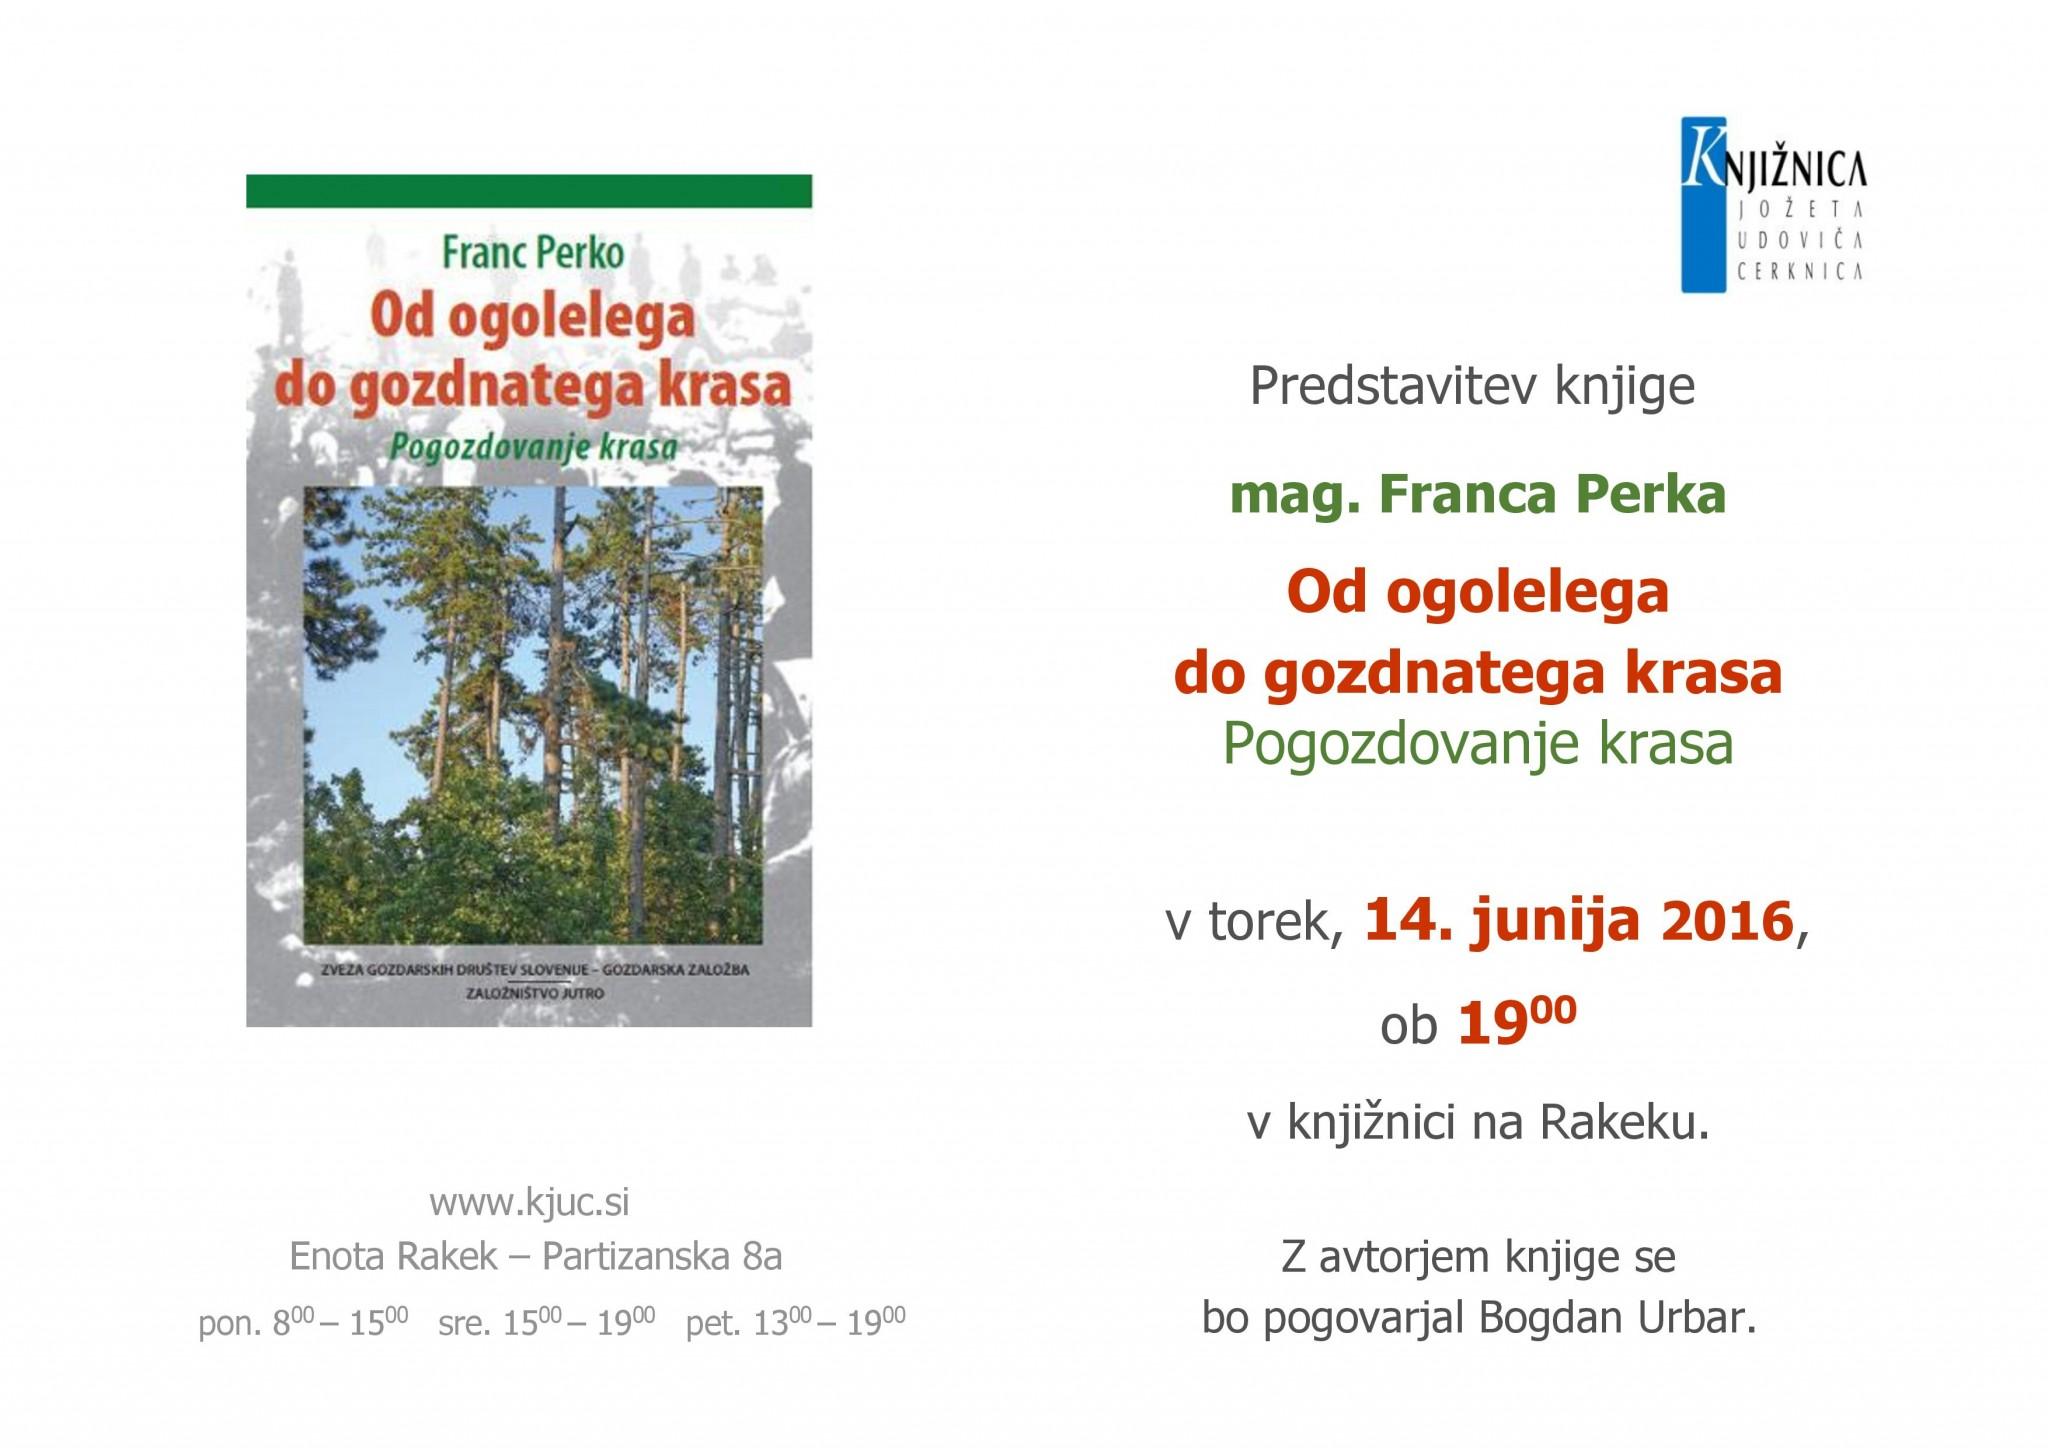 vabilo 1 page 001 - Franc Perko: Od ogolelega do gozdnatega krasa